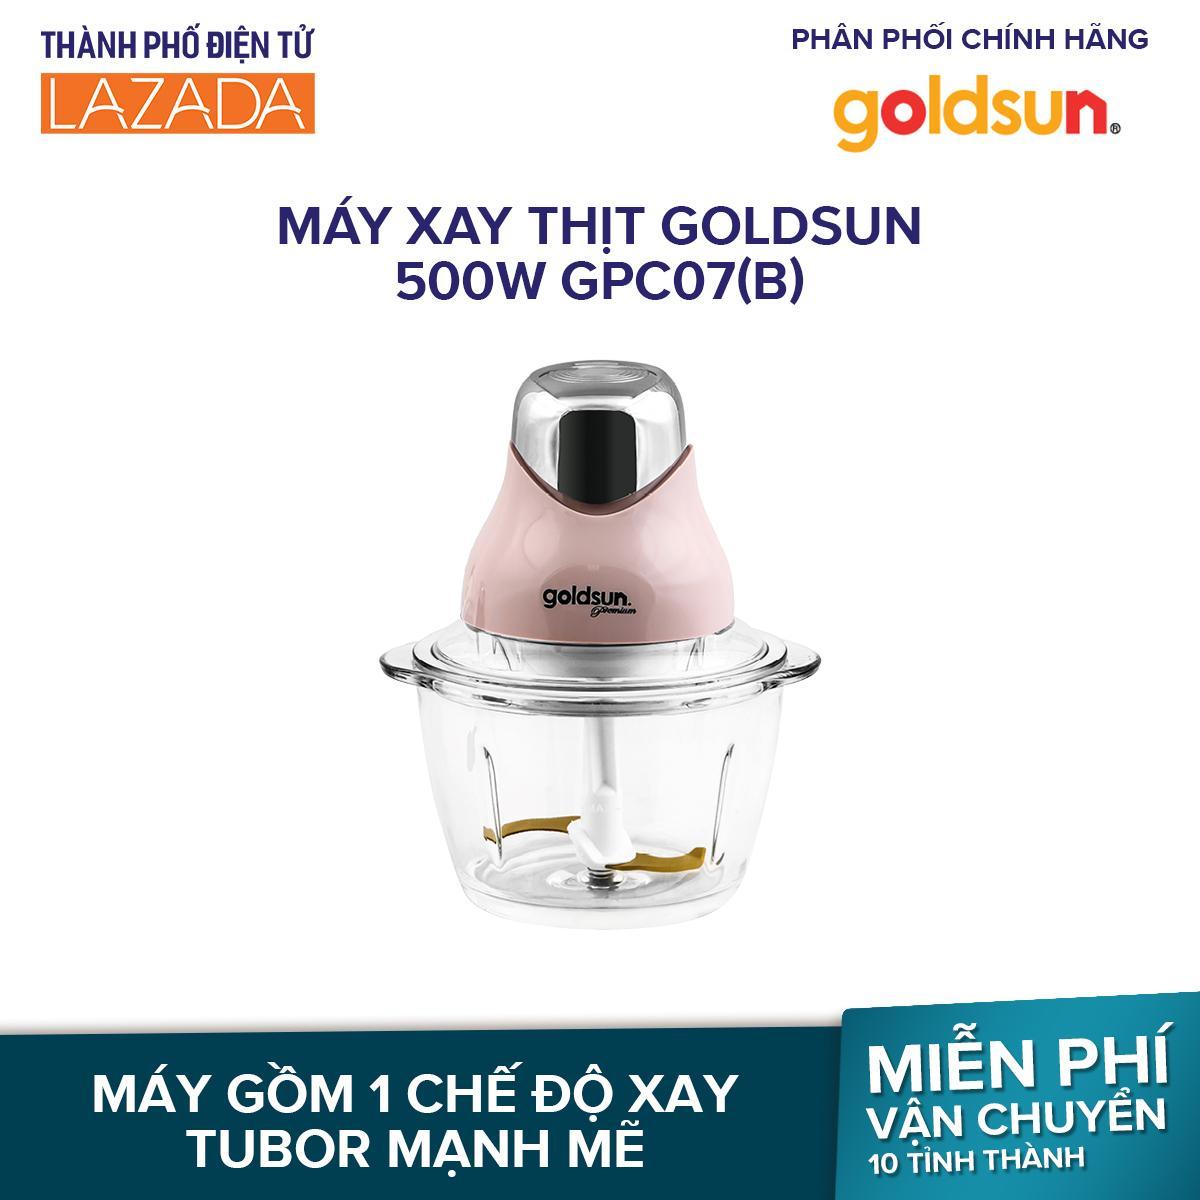 Máy xay thịt Goldsun 500W GPC07 (B)  - Cối thủy tinh cao cấp 1L, Lưỡi dao thép phủ titantium - Hãng phân phối chính thức